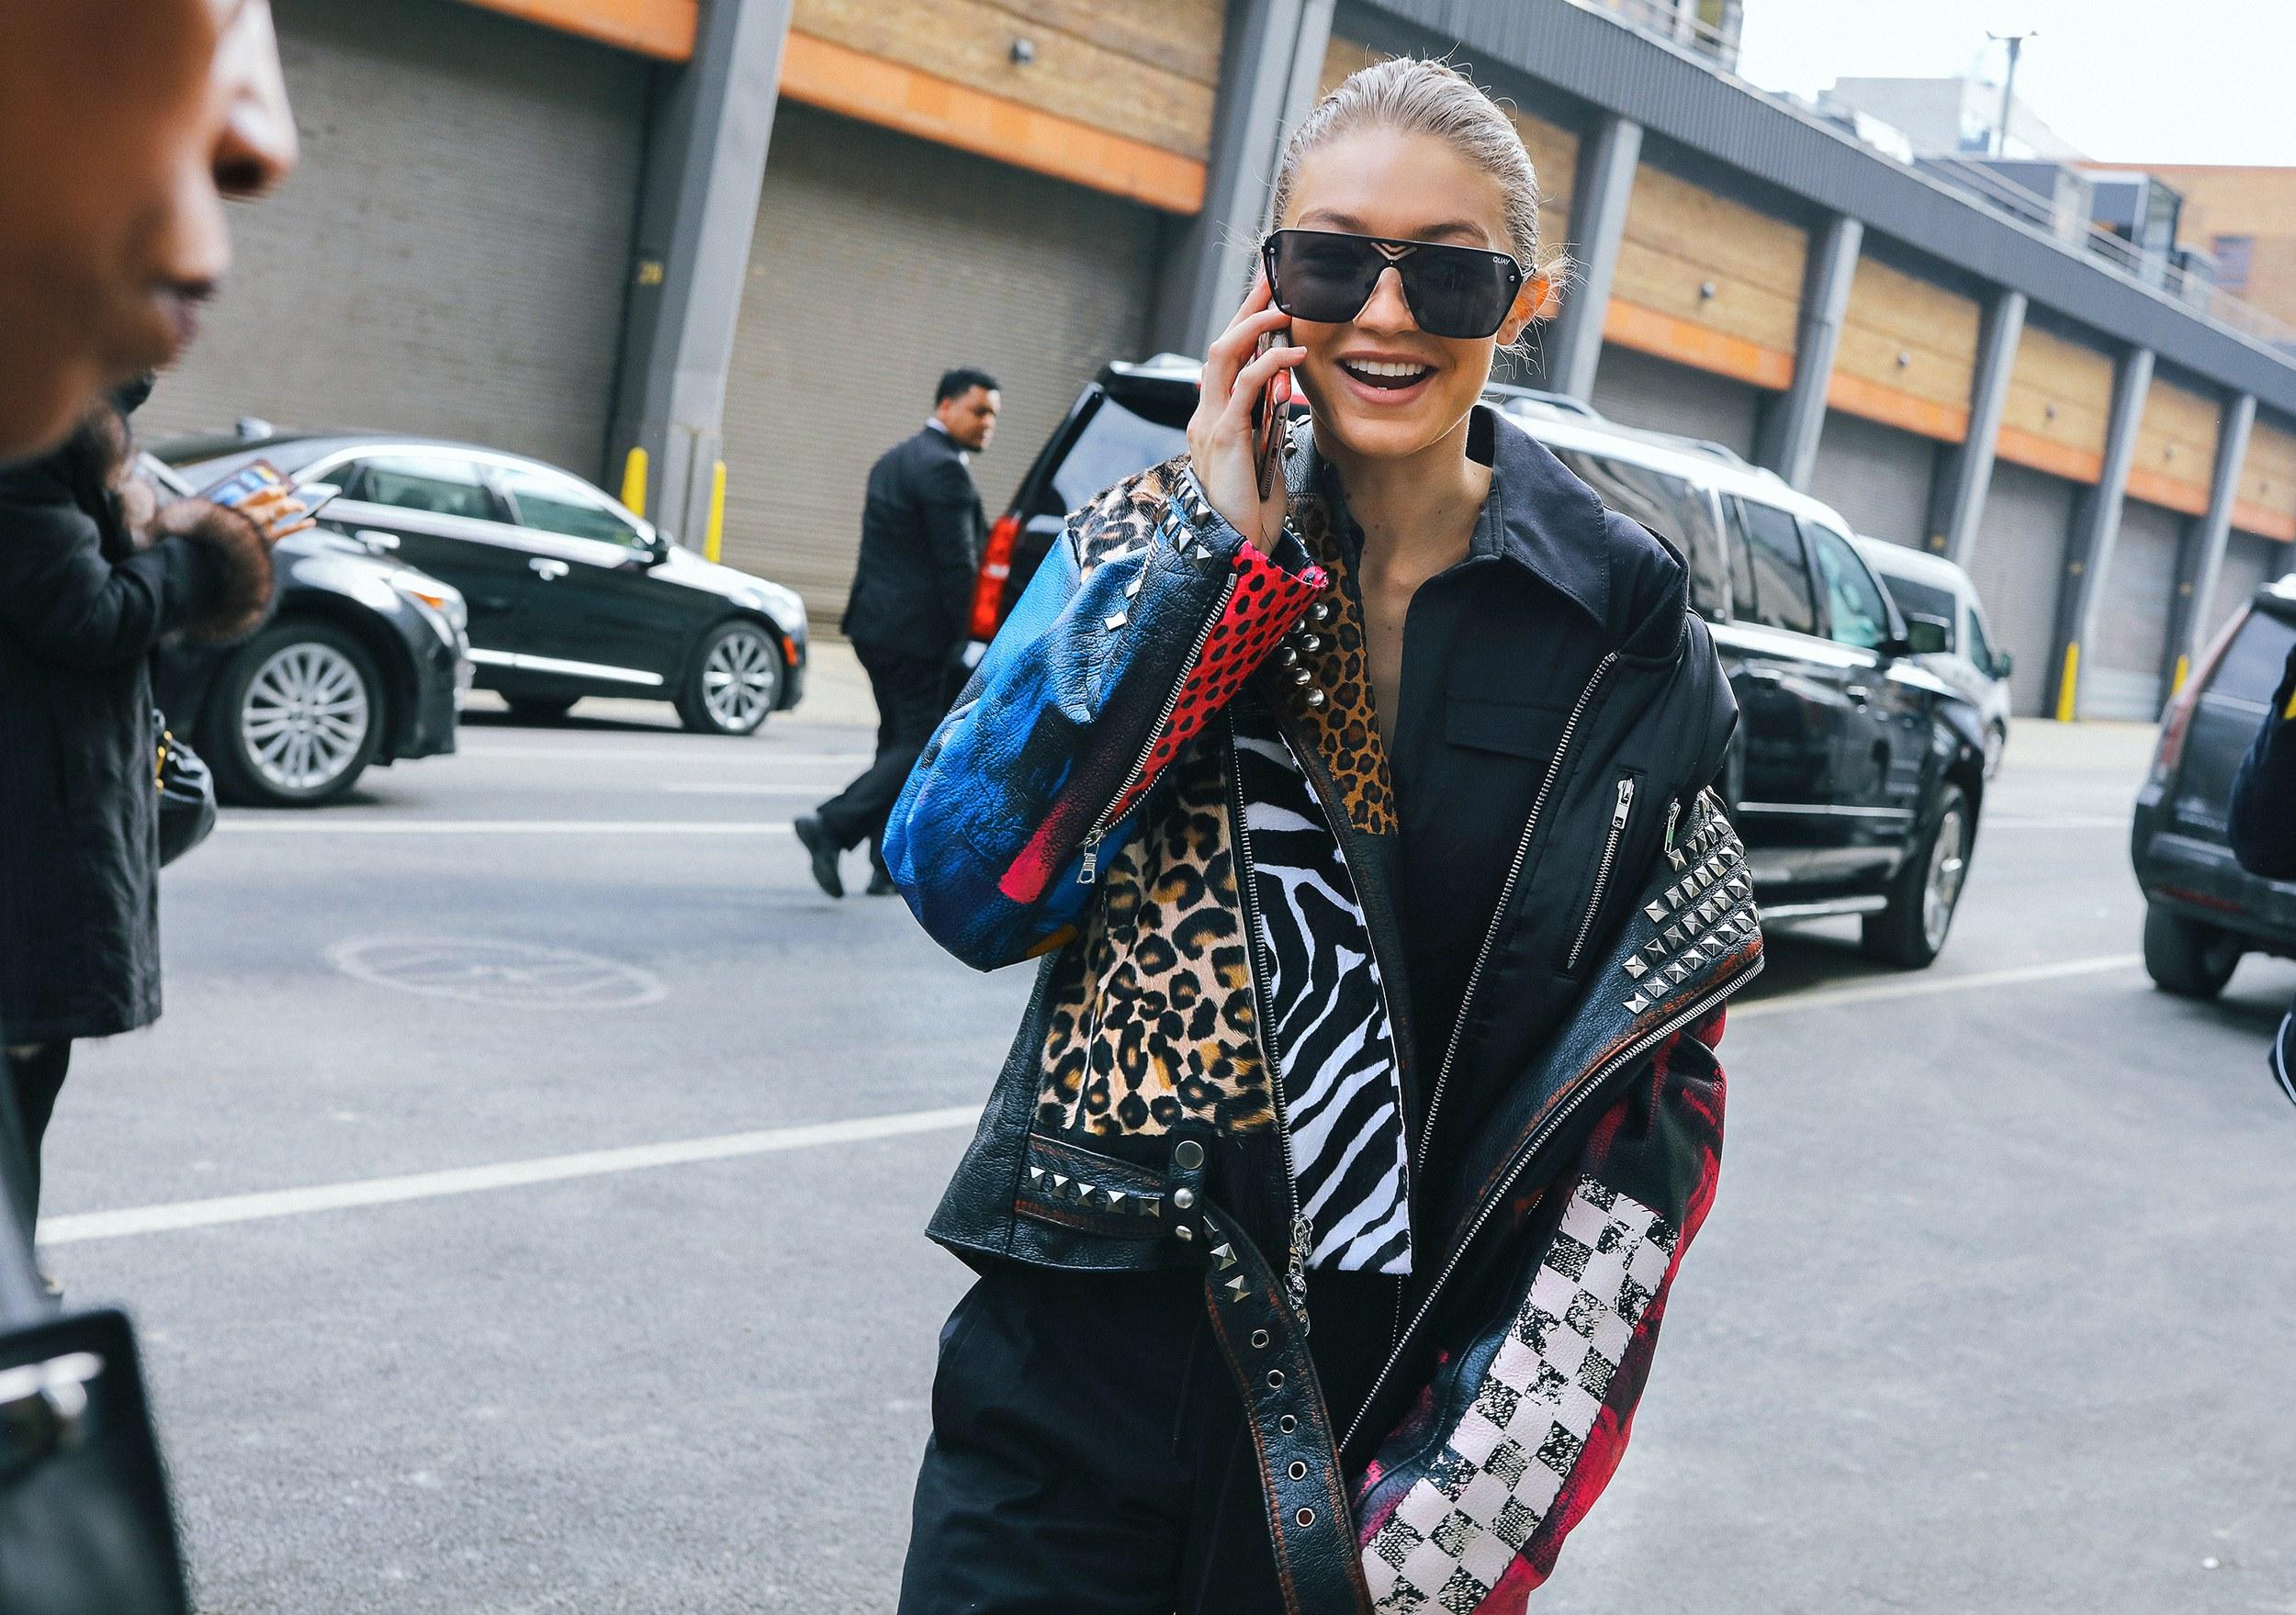 Chiêm ngưỡng đặc sản street style đẹp khó rời mắt tại Tuần lễ thời trang New York - Ảnh 7.